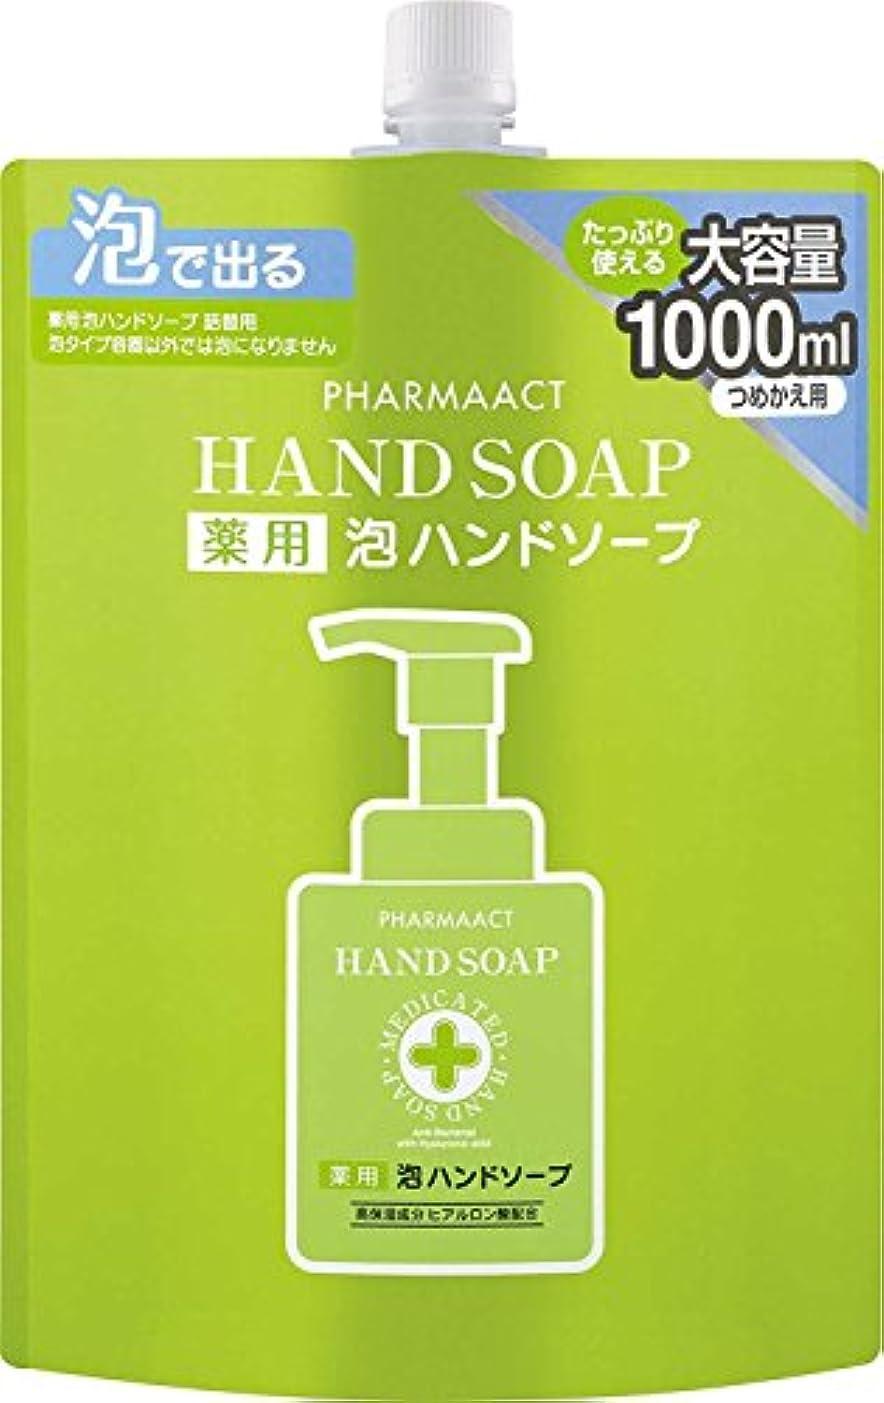 おっと後継組み込む熊野油脂 PHARMAACT(ファーマアクト) 薬用泡ハンドソープ詰替スパウト付 1L